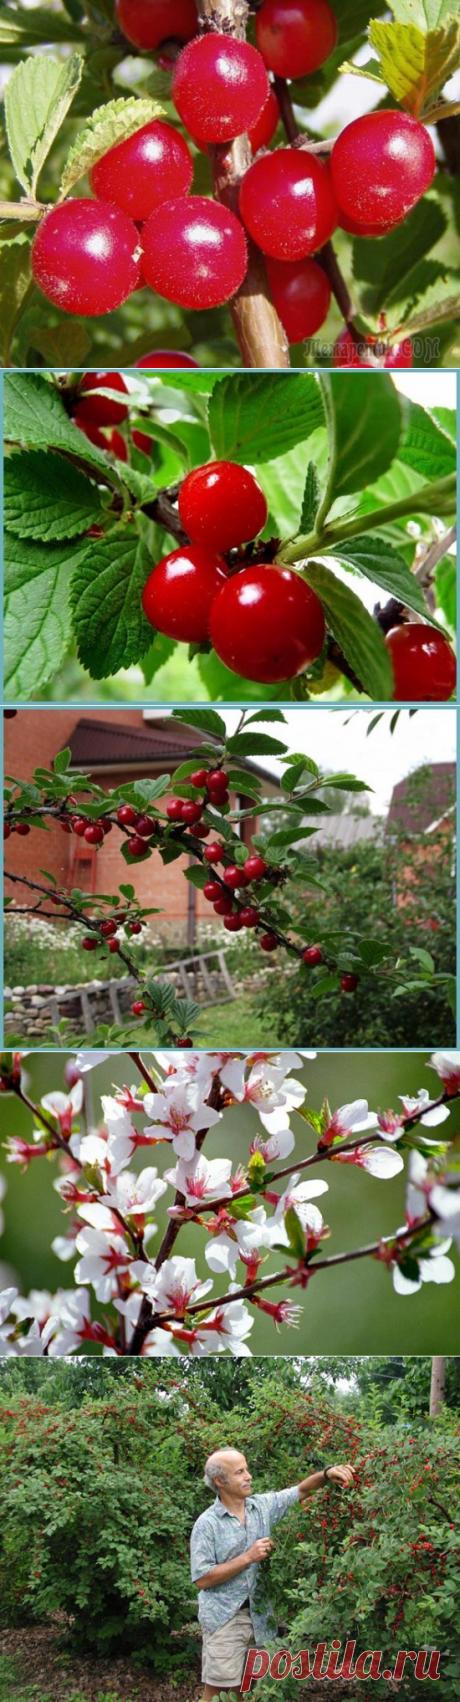 Войлочная вишня: посадка, уход и размножение в средней полосе